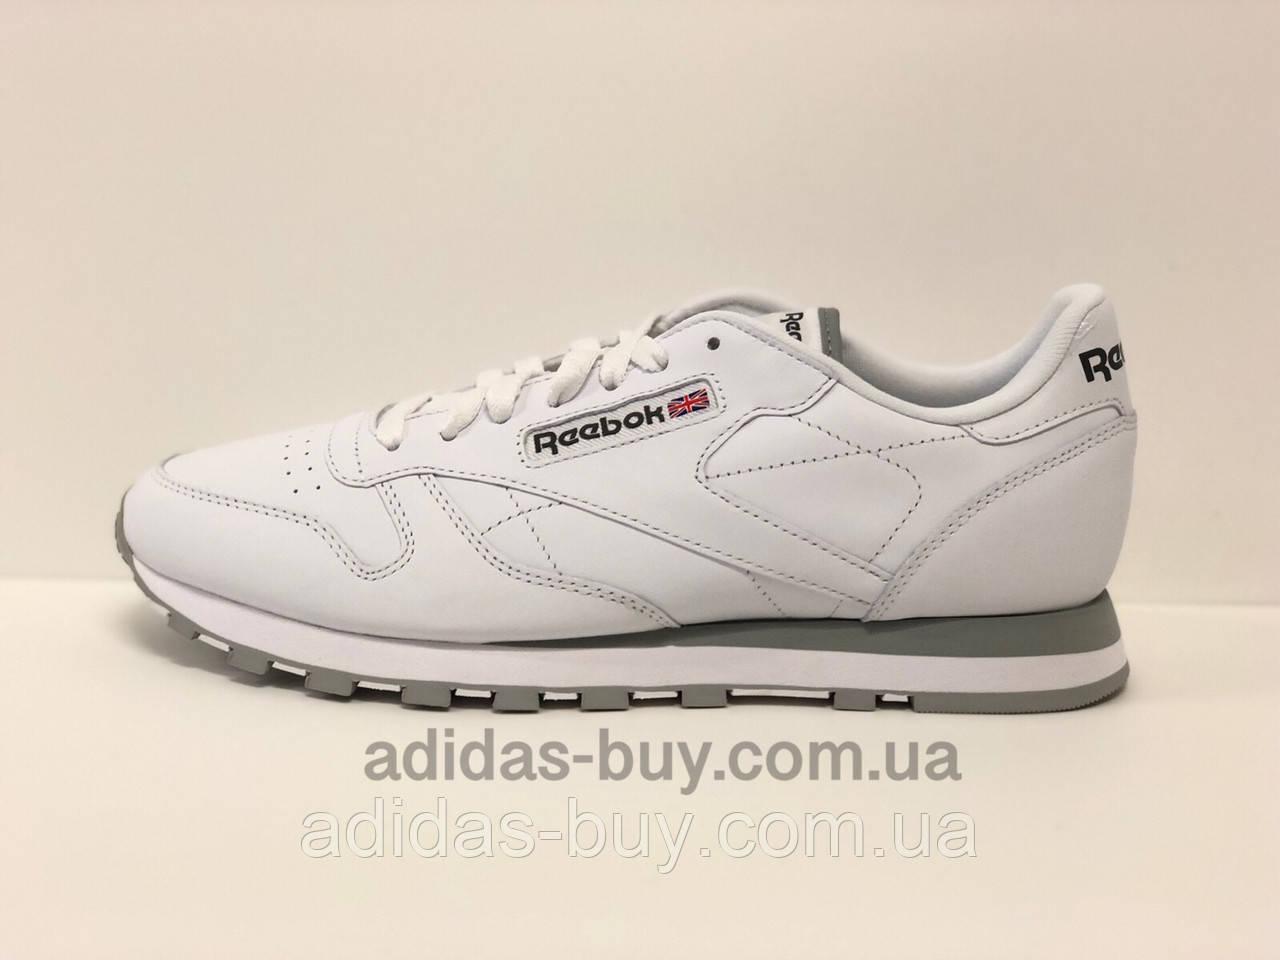 6df4ee29e Мужские кожаные оригинальные кроссовки Reebok Classic Leather 2214 цвет:  белый/серый - ORIGINAL SHOES